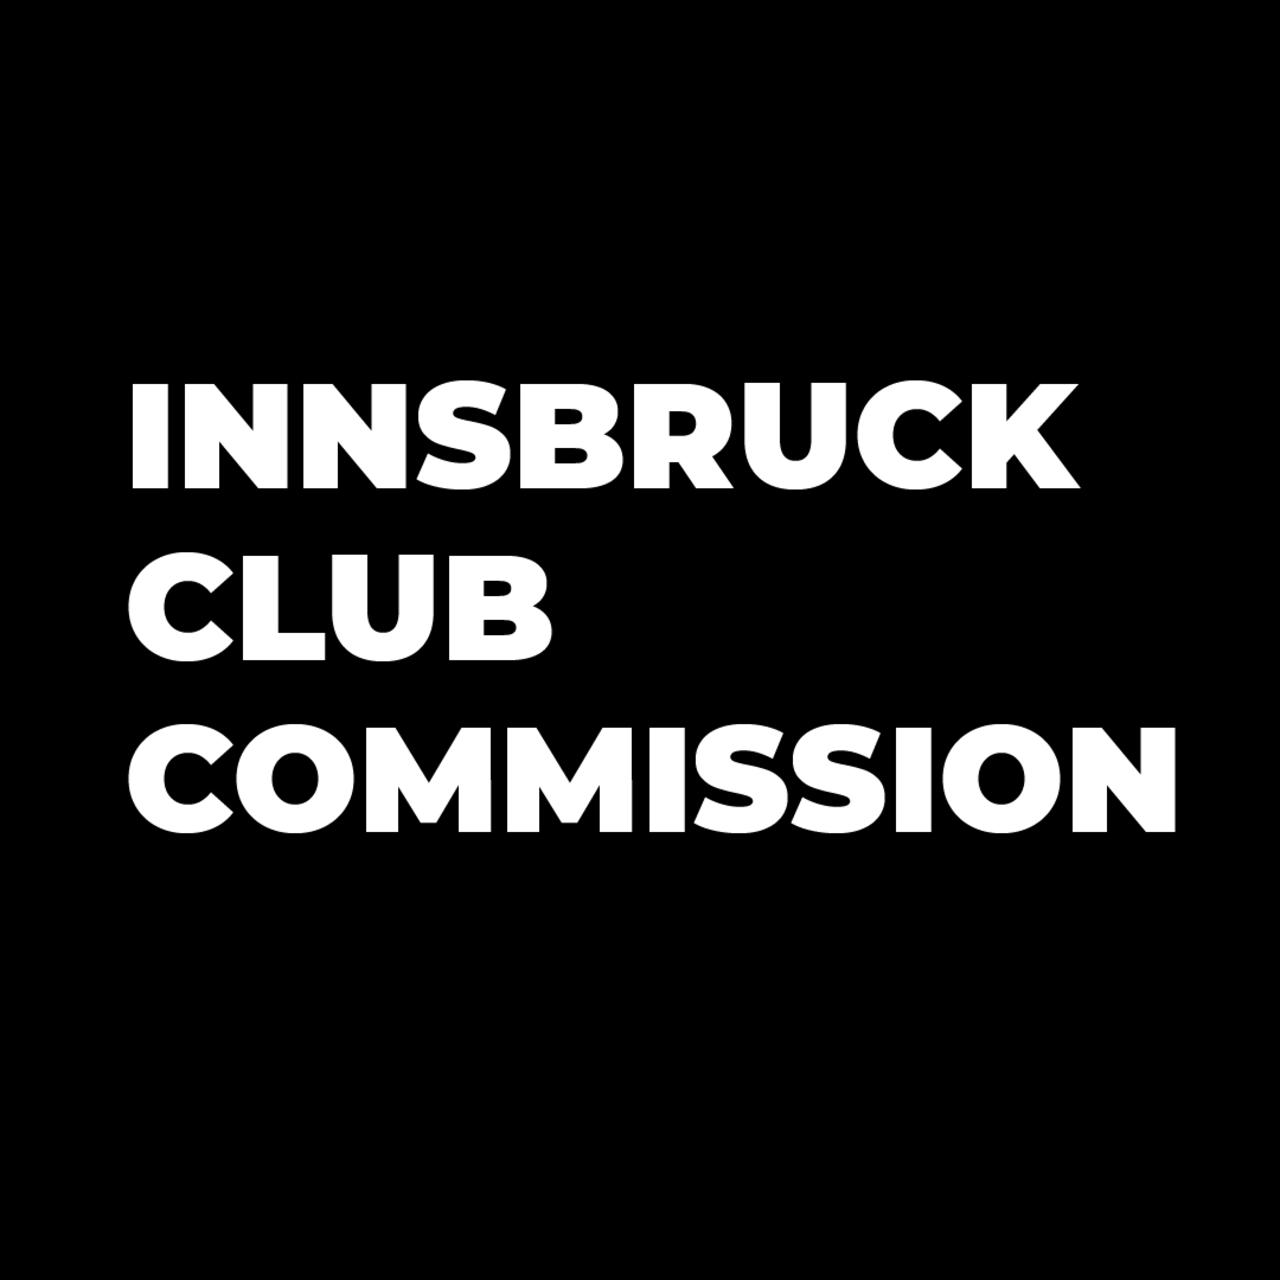 Innsbruck Club Commission